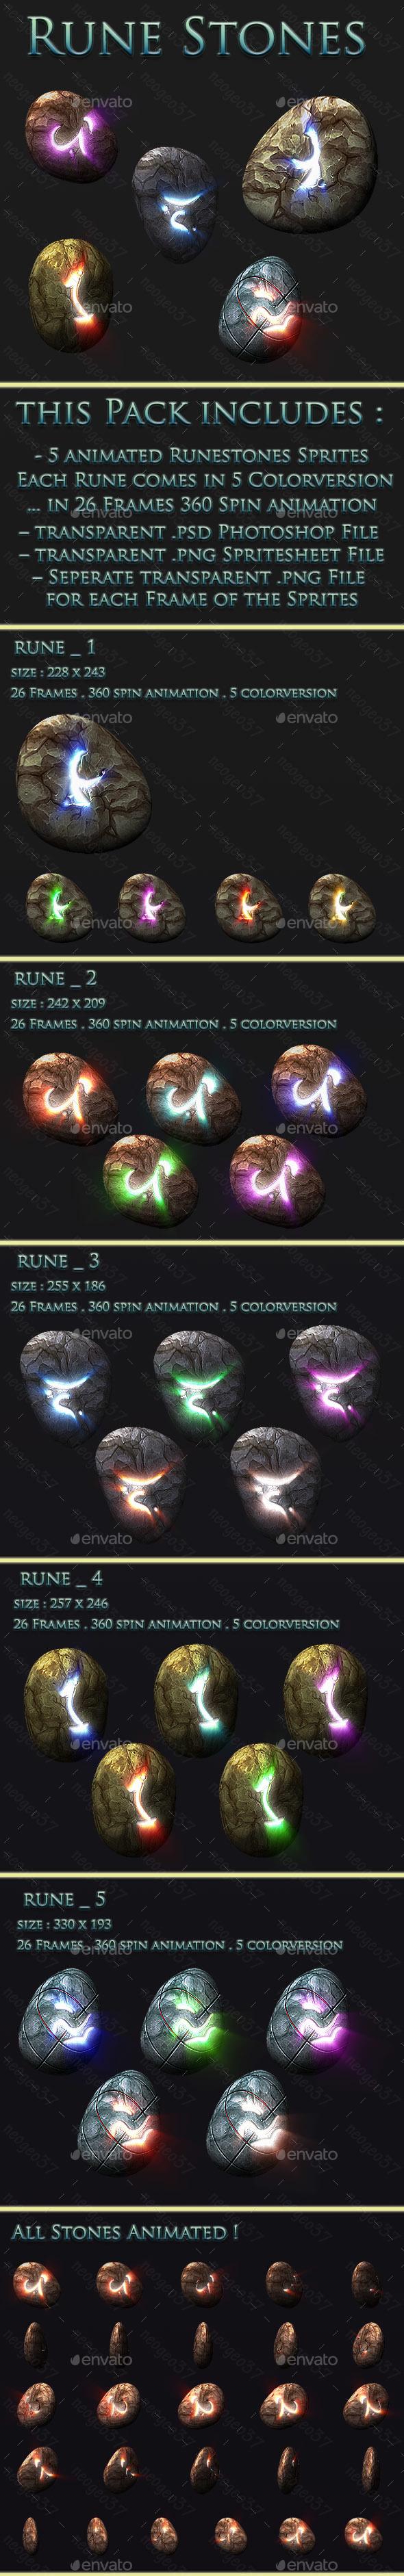 Runestones - Sprites Game Assets